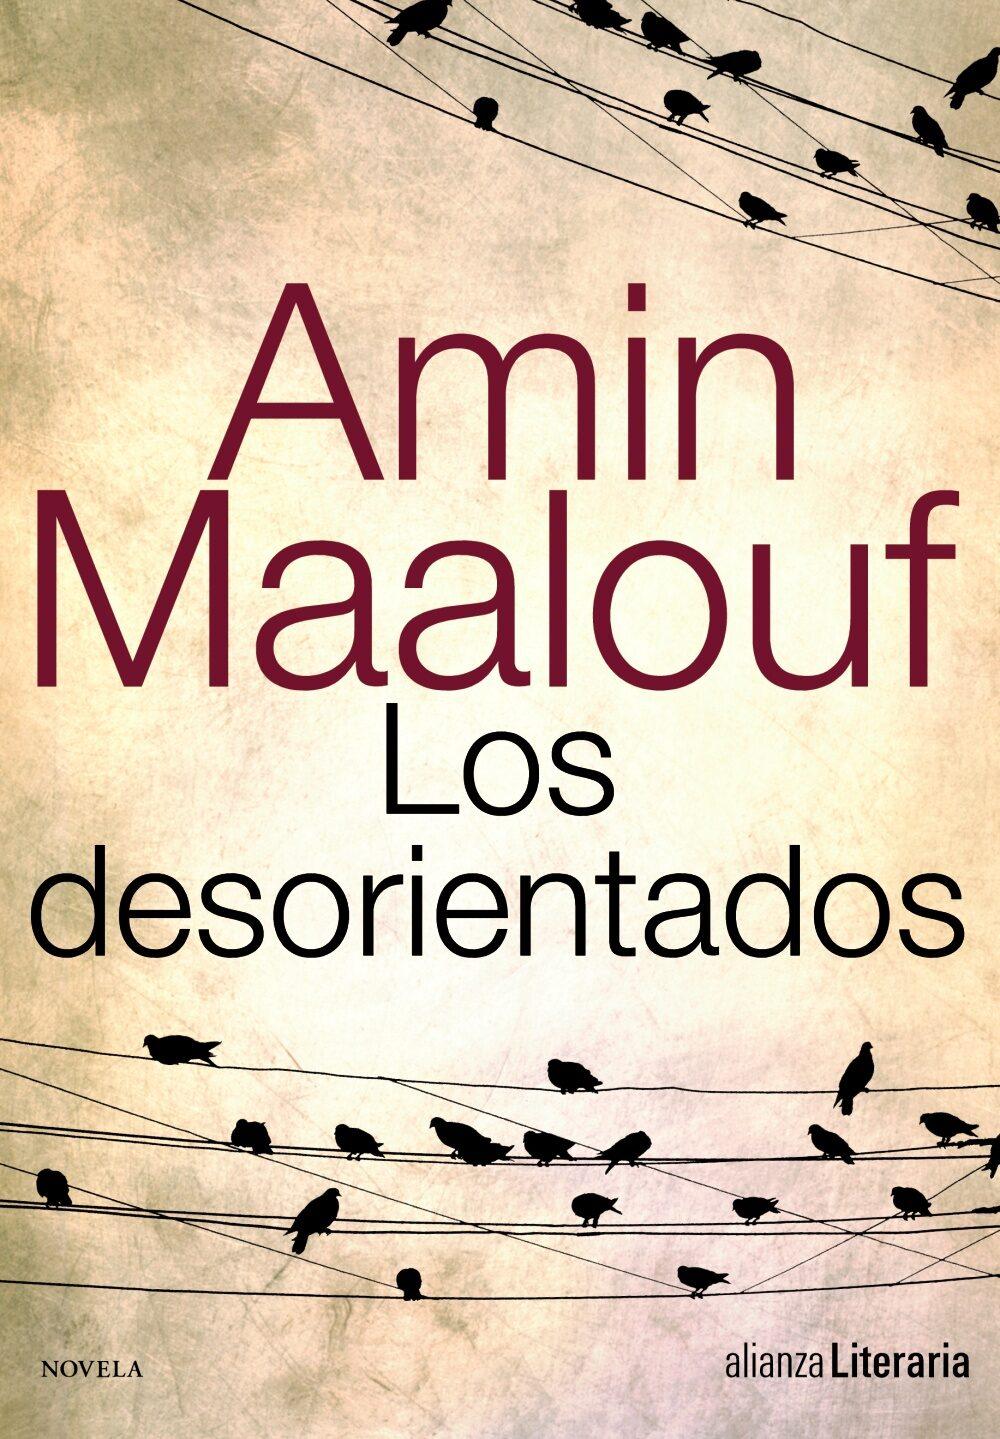 los desorientados-amin maalouf-9788420608891